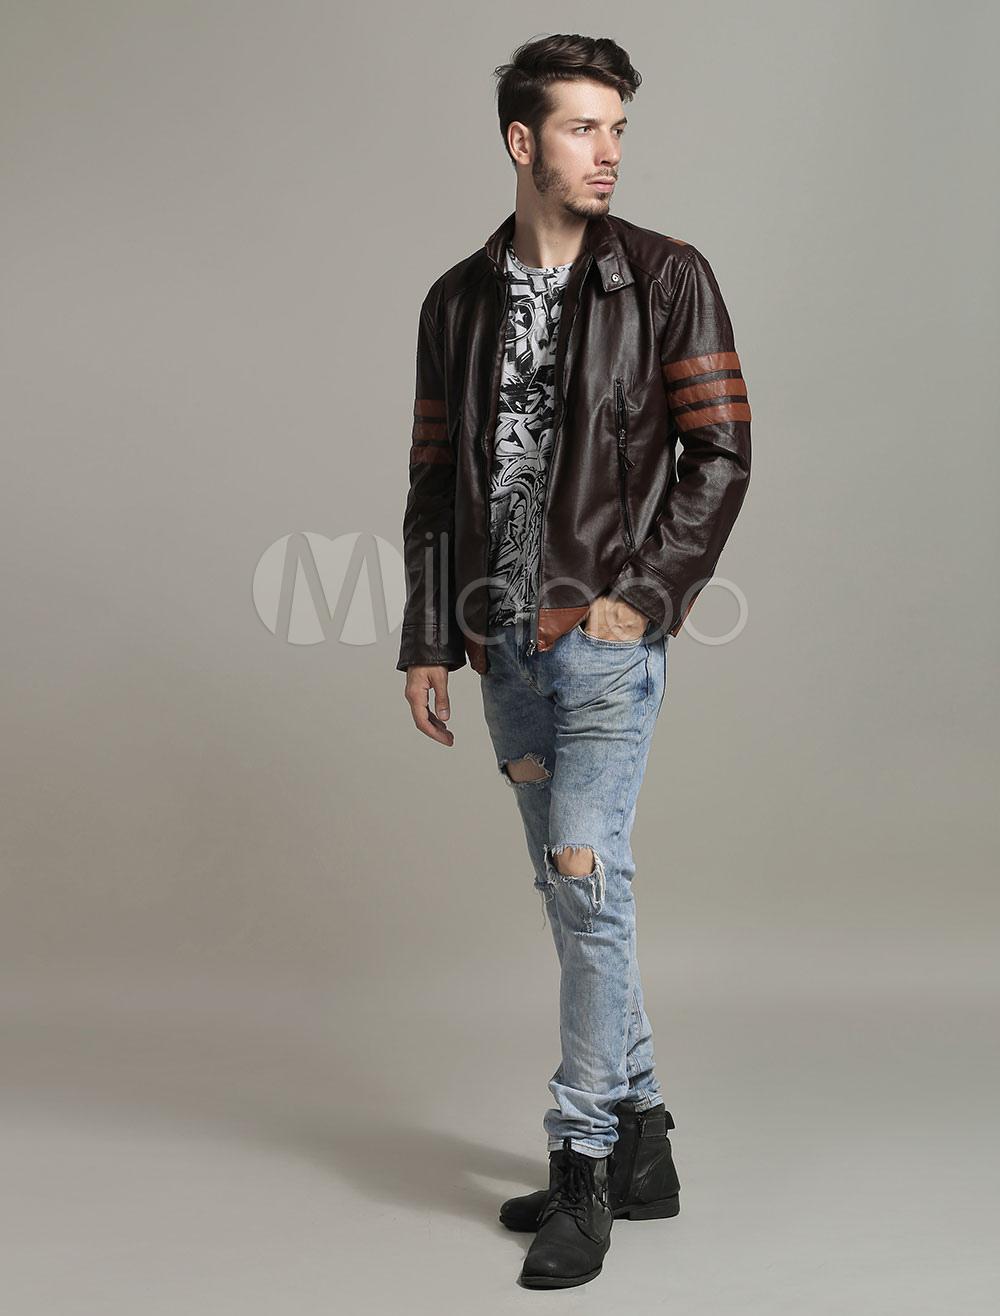 d2a202ba086 ... Коричневый байкер кожаная куртка Росомаха стиль стоячий воротник  пальто-No.7 ...